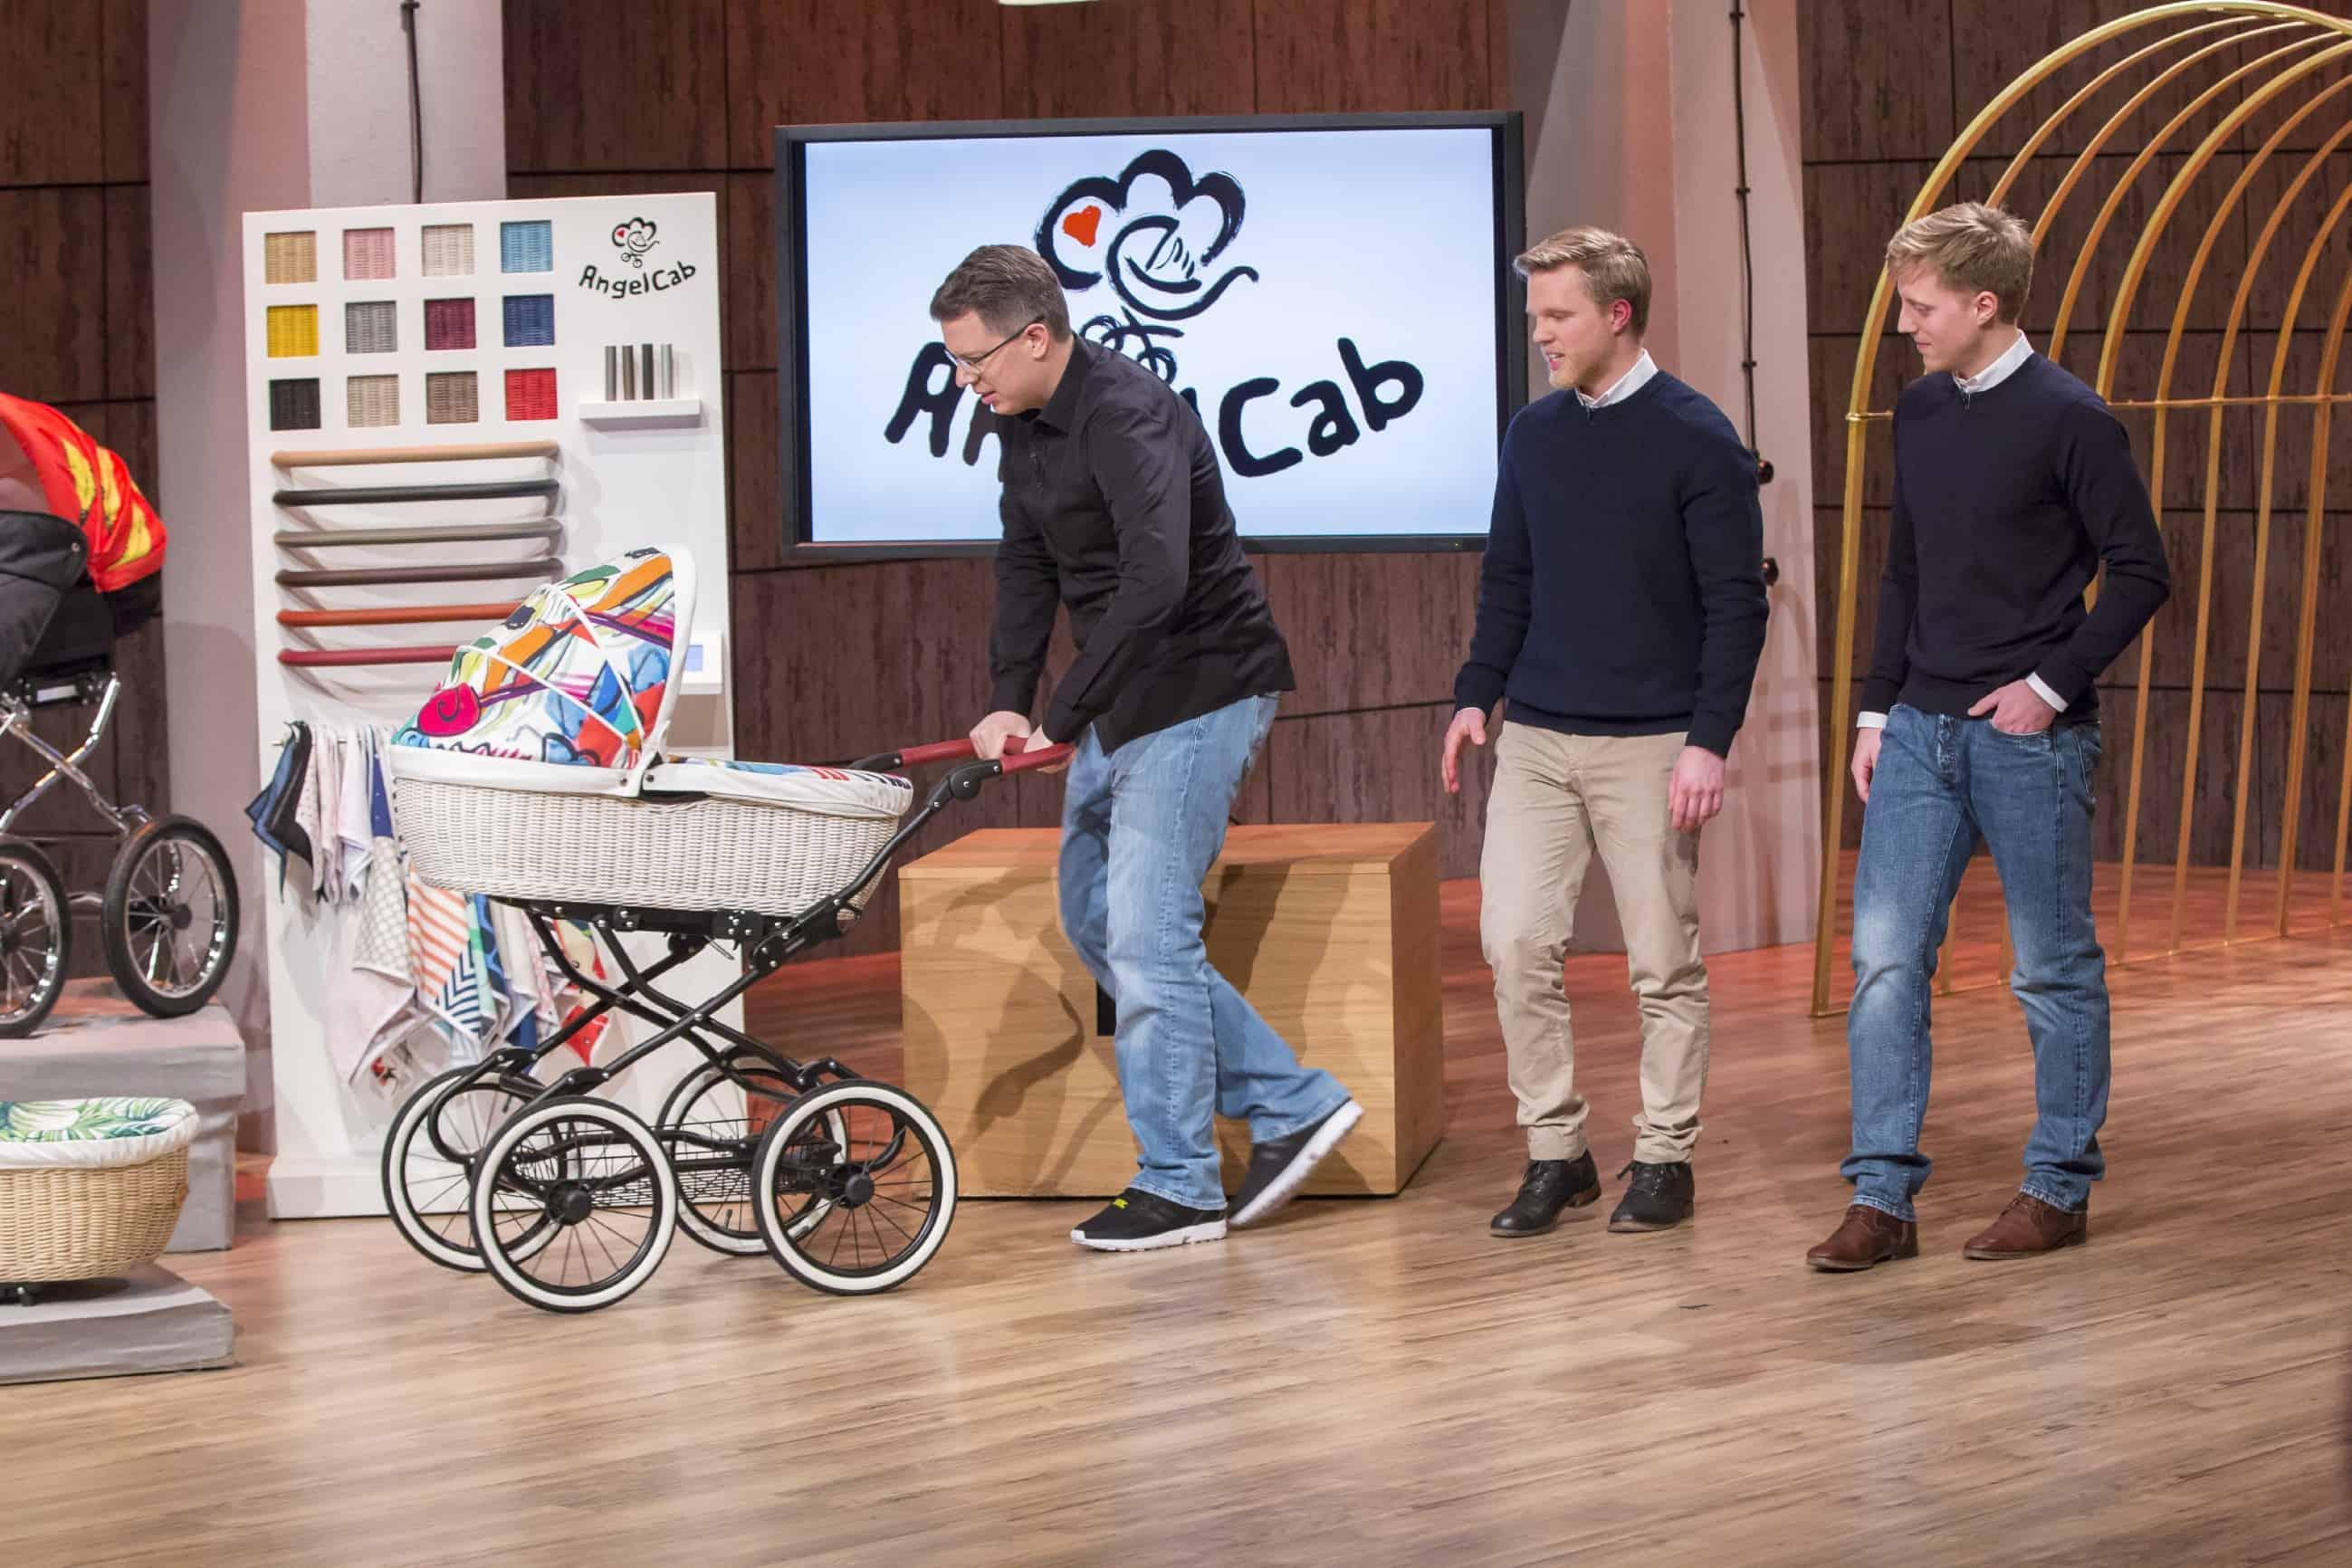 angelcab handgefertigte kinderwagen ohne schadstoffe. Black Bedroom Furniture Sets. Home Design Ideas